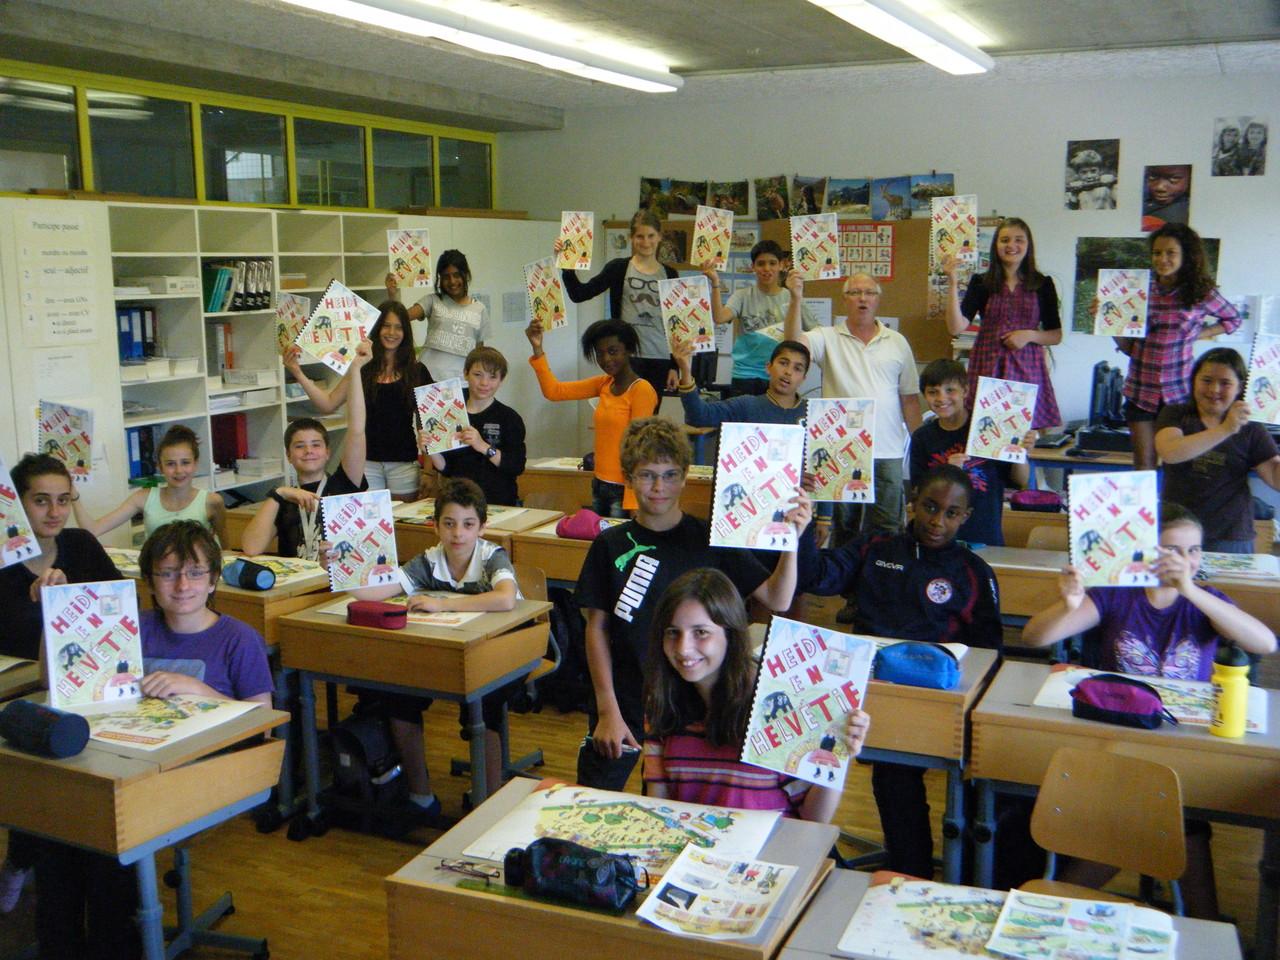 Les élèves de la classe avec leur exemplaire en main